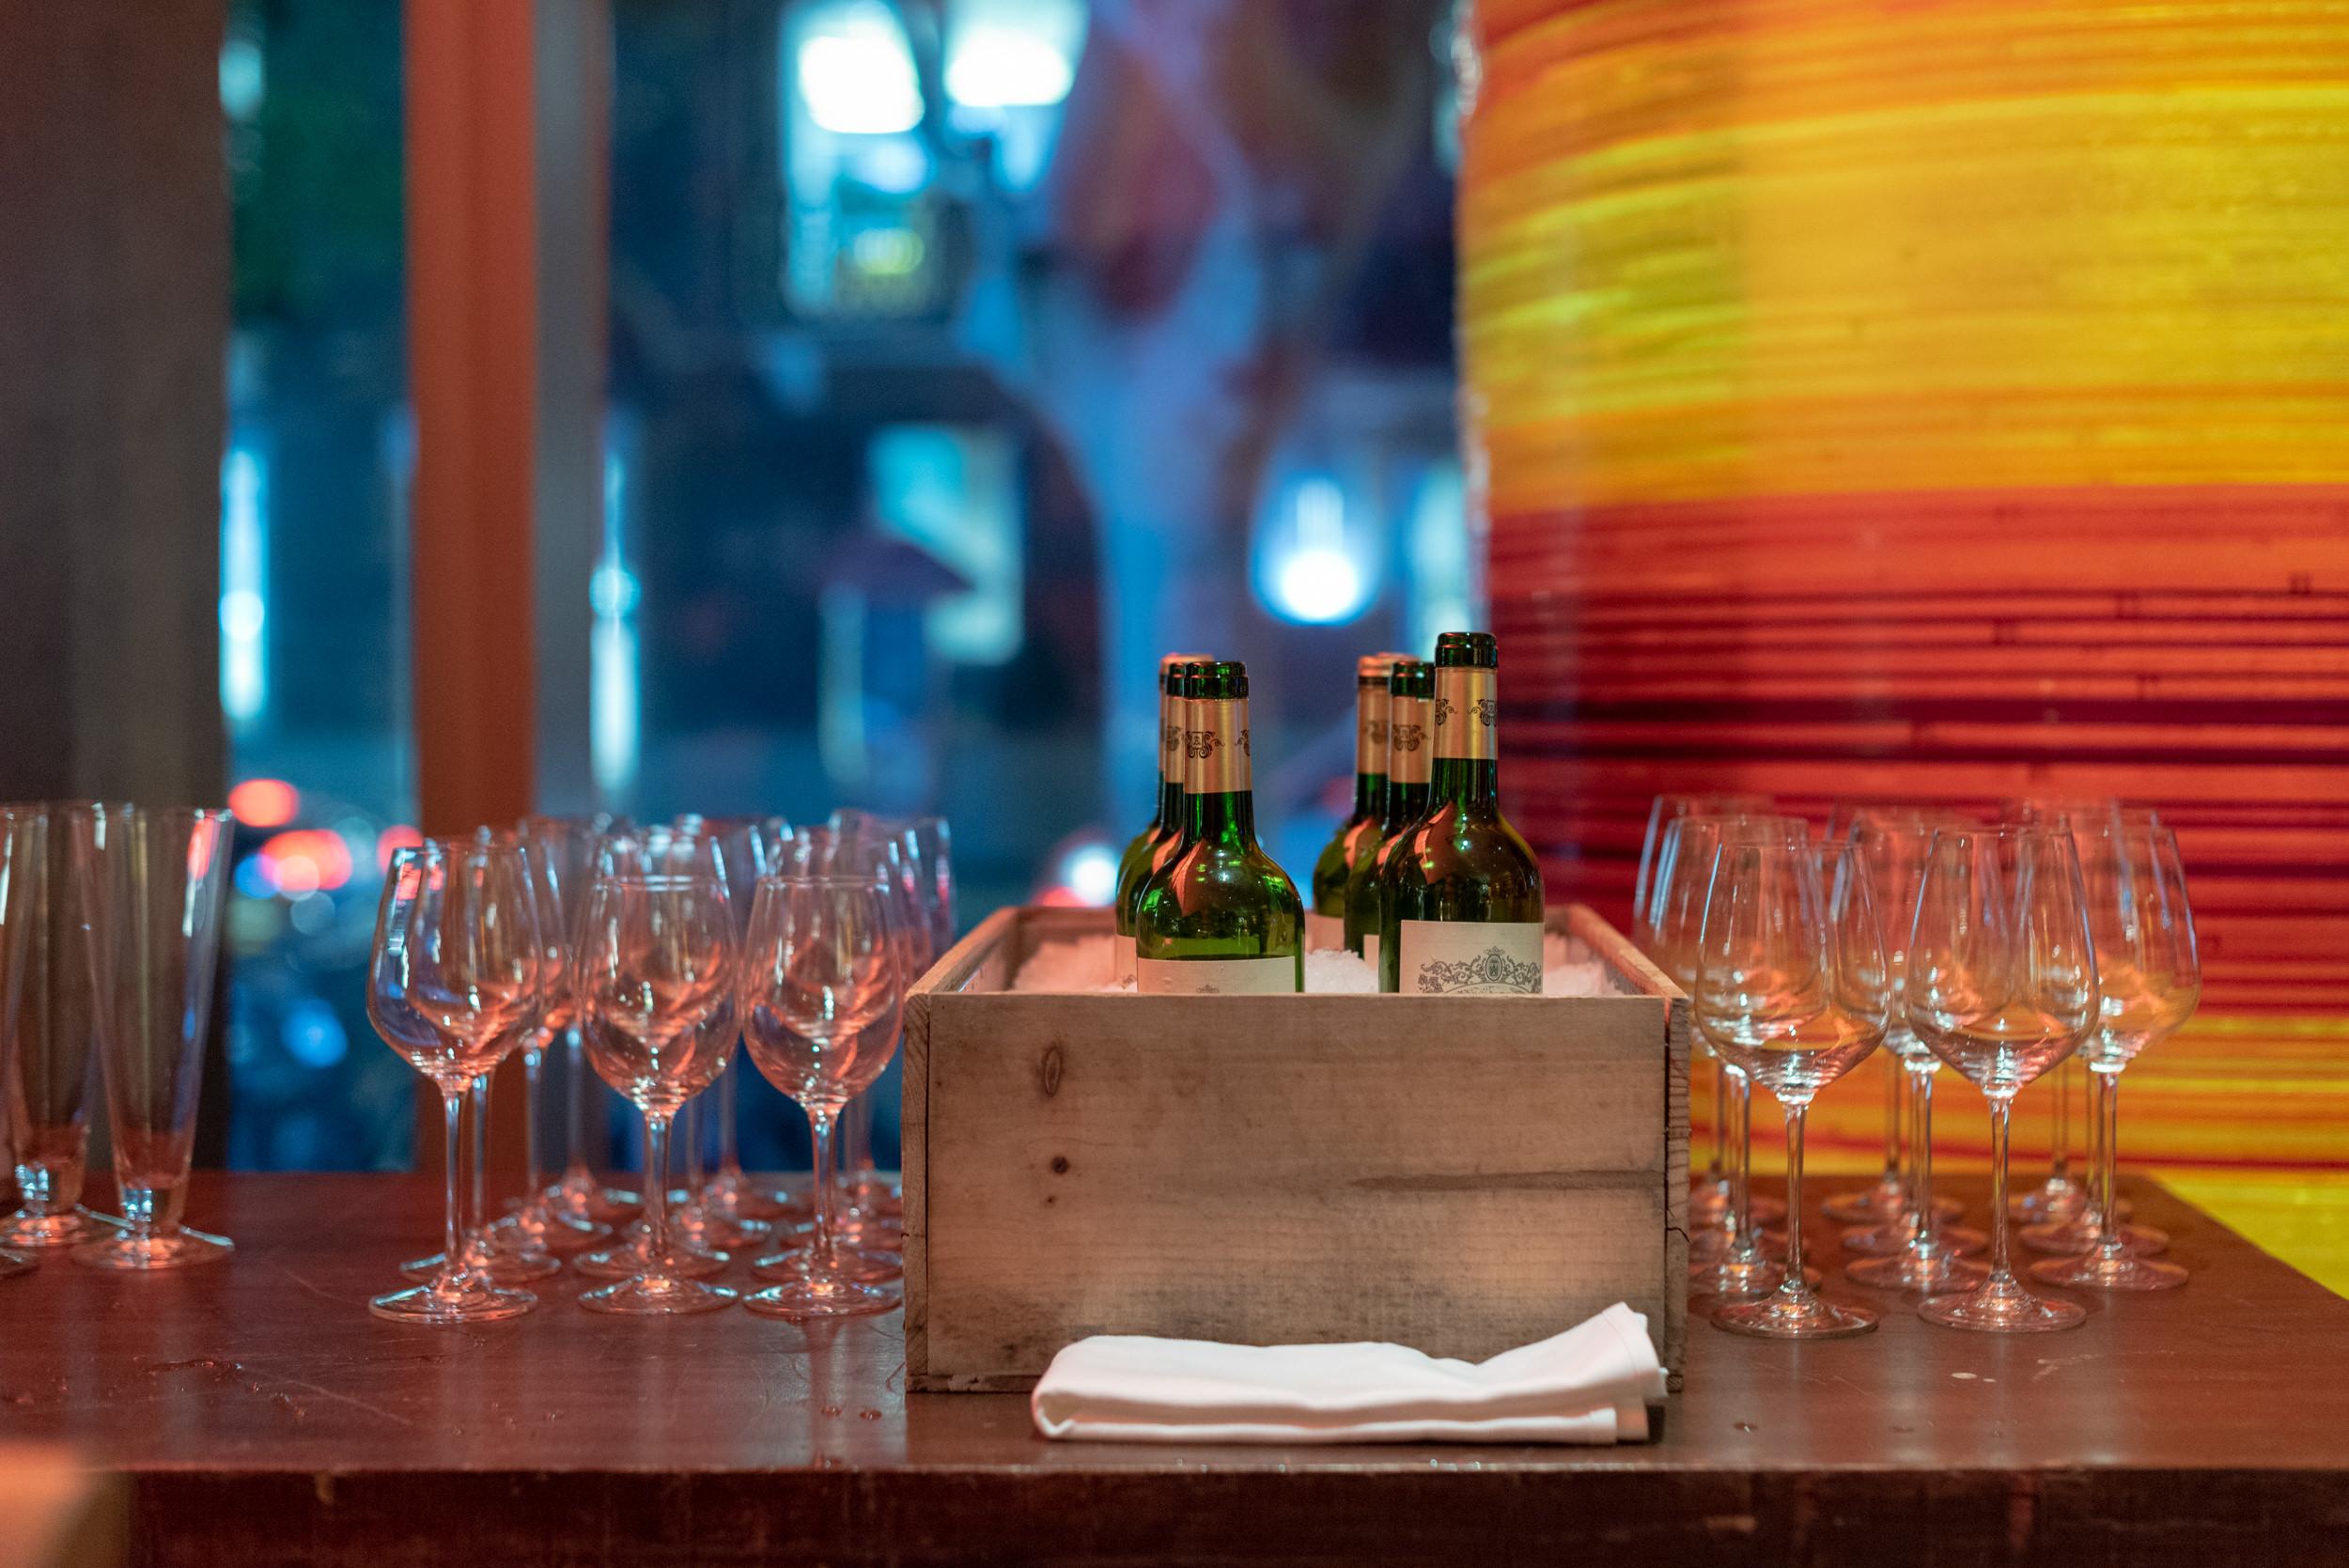 Evening Cocktails and Canapés  Xuan Bar - Andaz Xintiandi, Shanghai